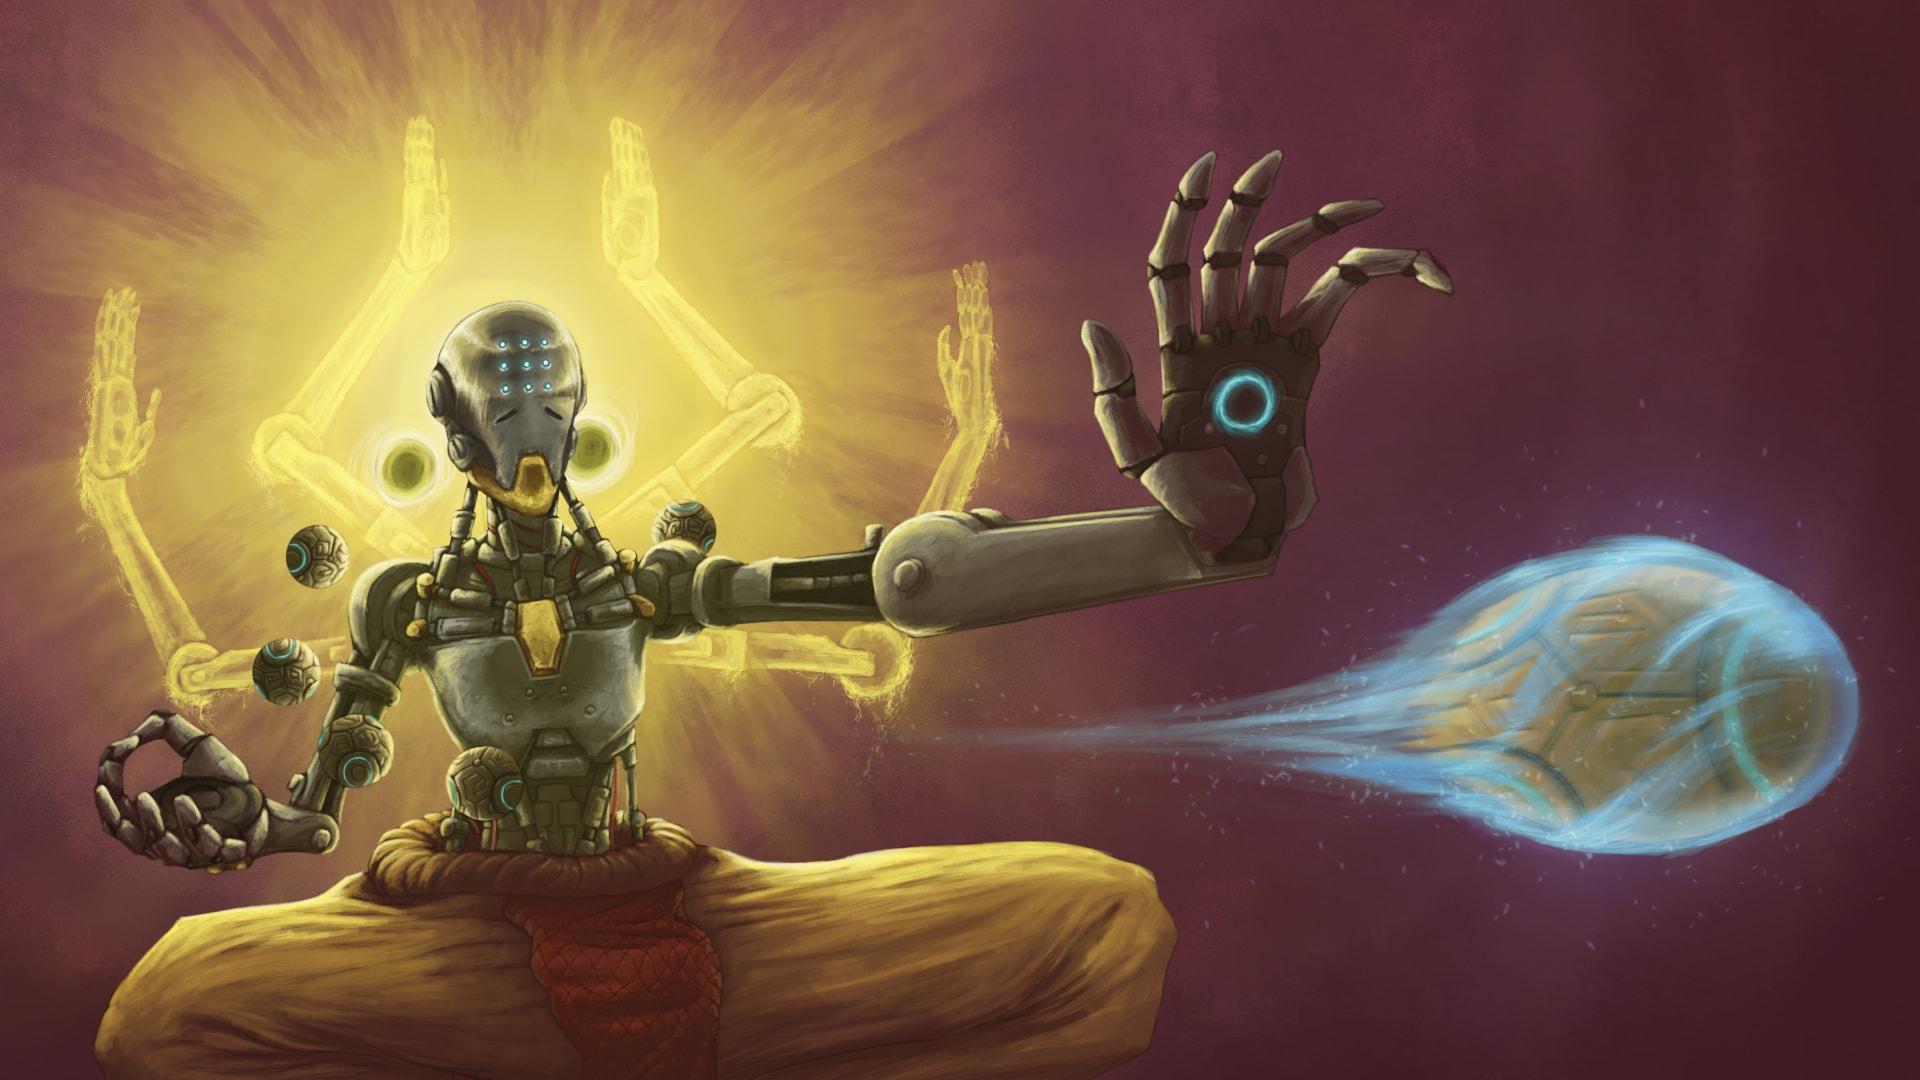 Overwatch : Zenyatta Desktop wallpaper